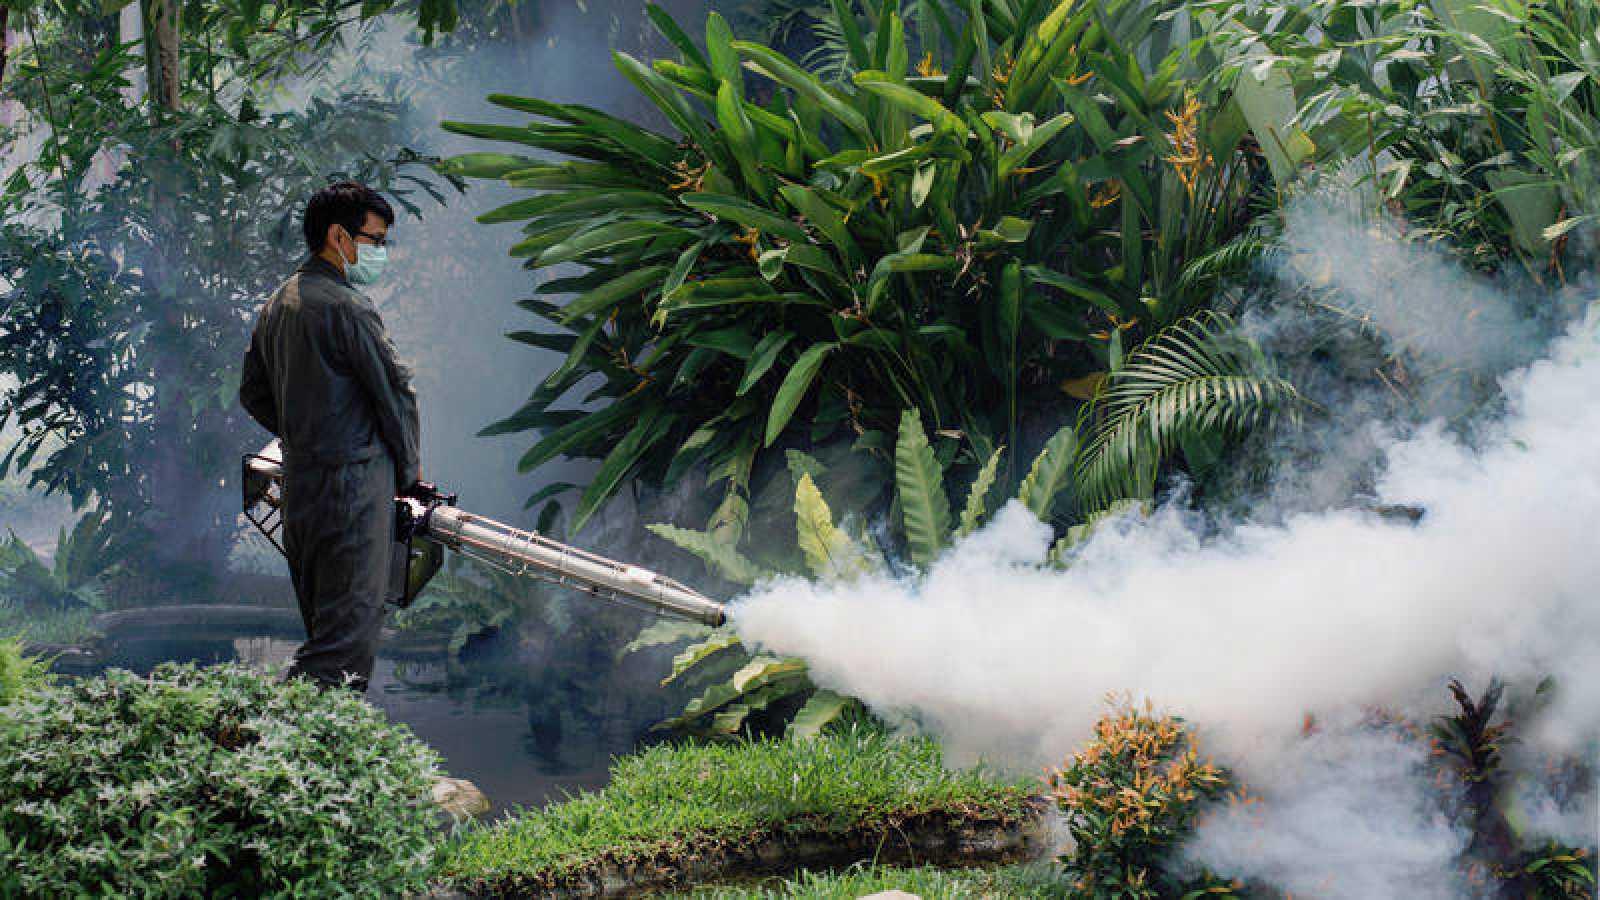 La fumigación es una de las medidas empleadas para combatir almosquito de la especie Aedes, transmisor del dengue, entre otras enfermedades.